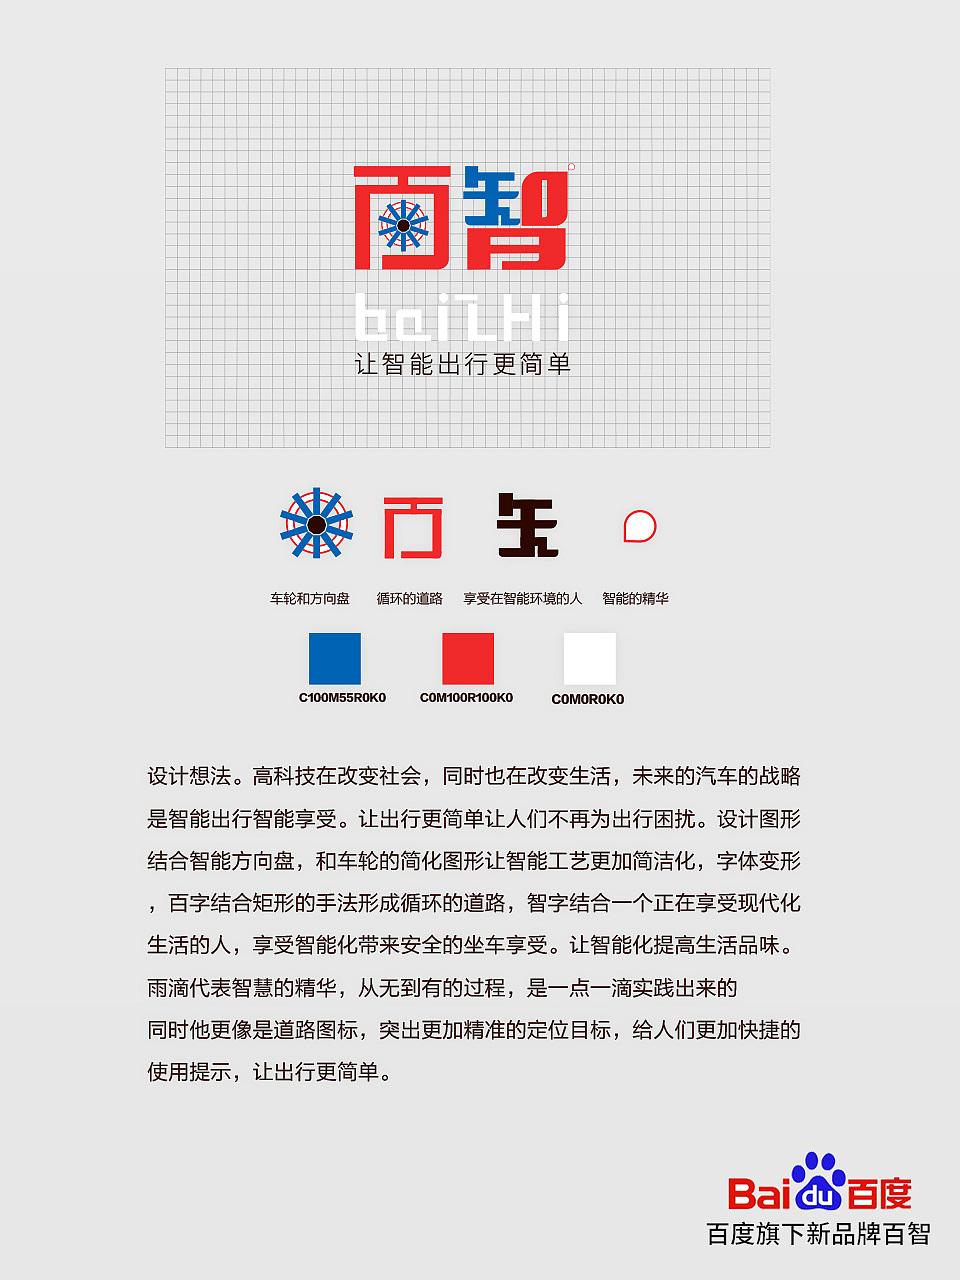 百智标志设计|标志|教程|442954303-原创作品气球魔术图解平面图片